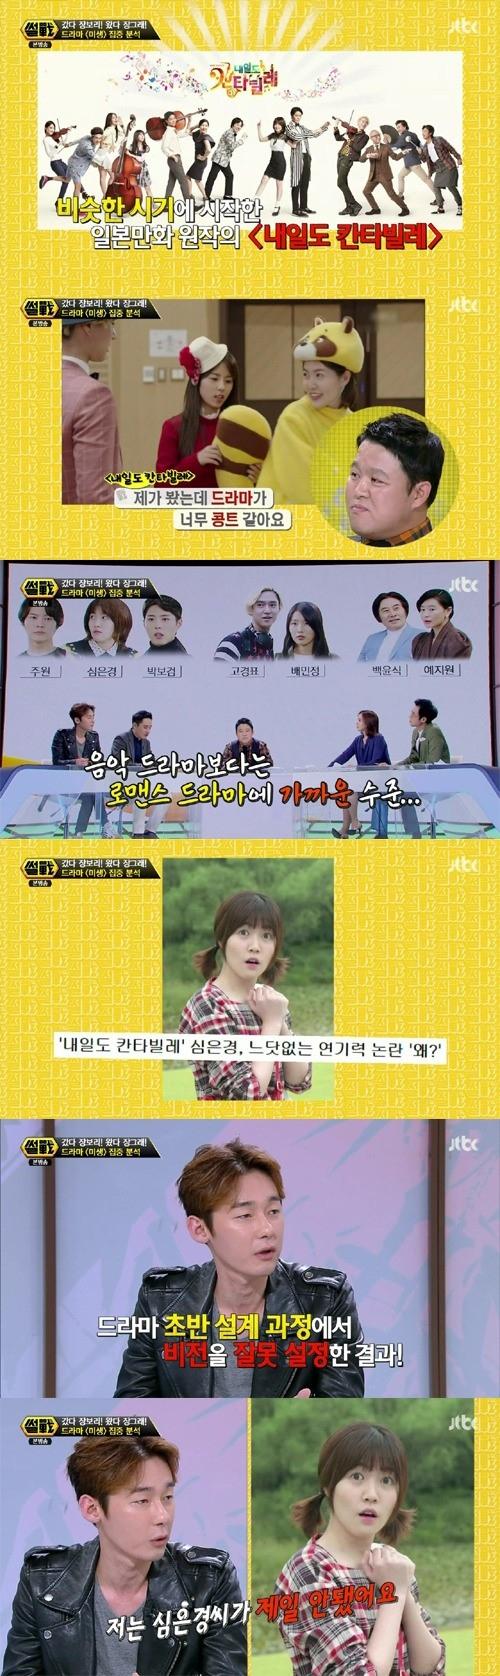 """ホ・ジウン、韓国版「のだめ」シム・ウンギョンの演技力議論に対して""""制作陣のせいだ"""""""